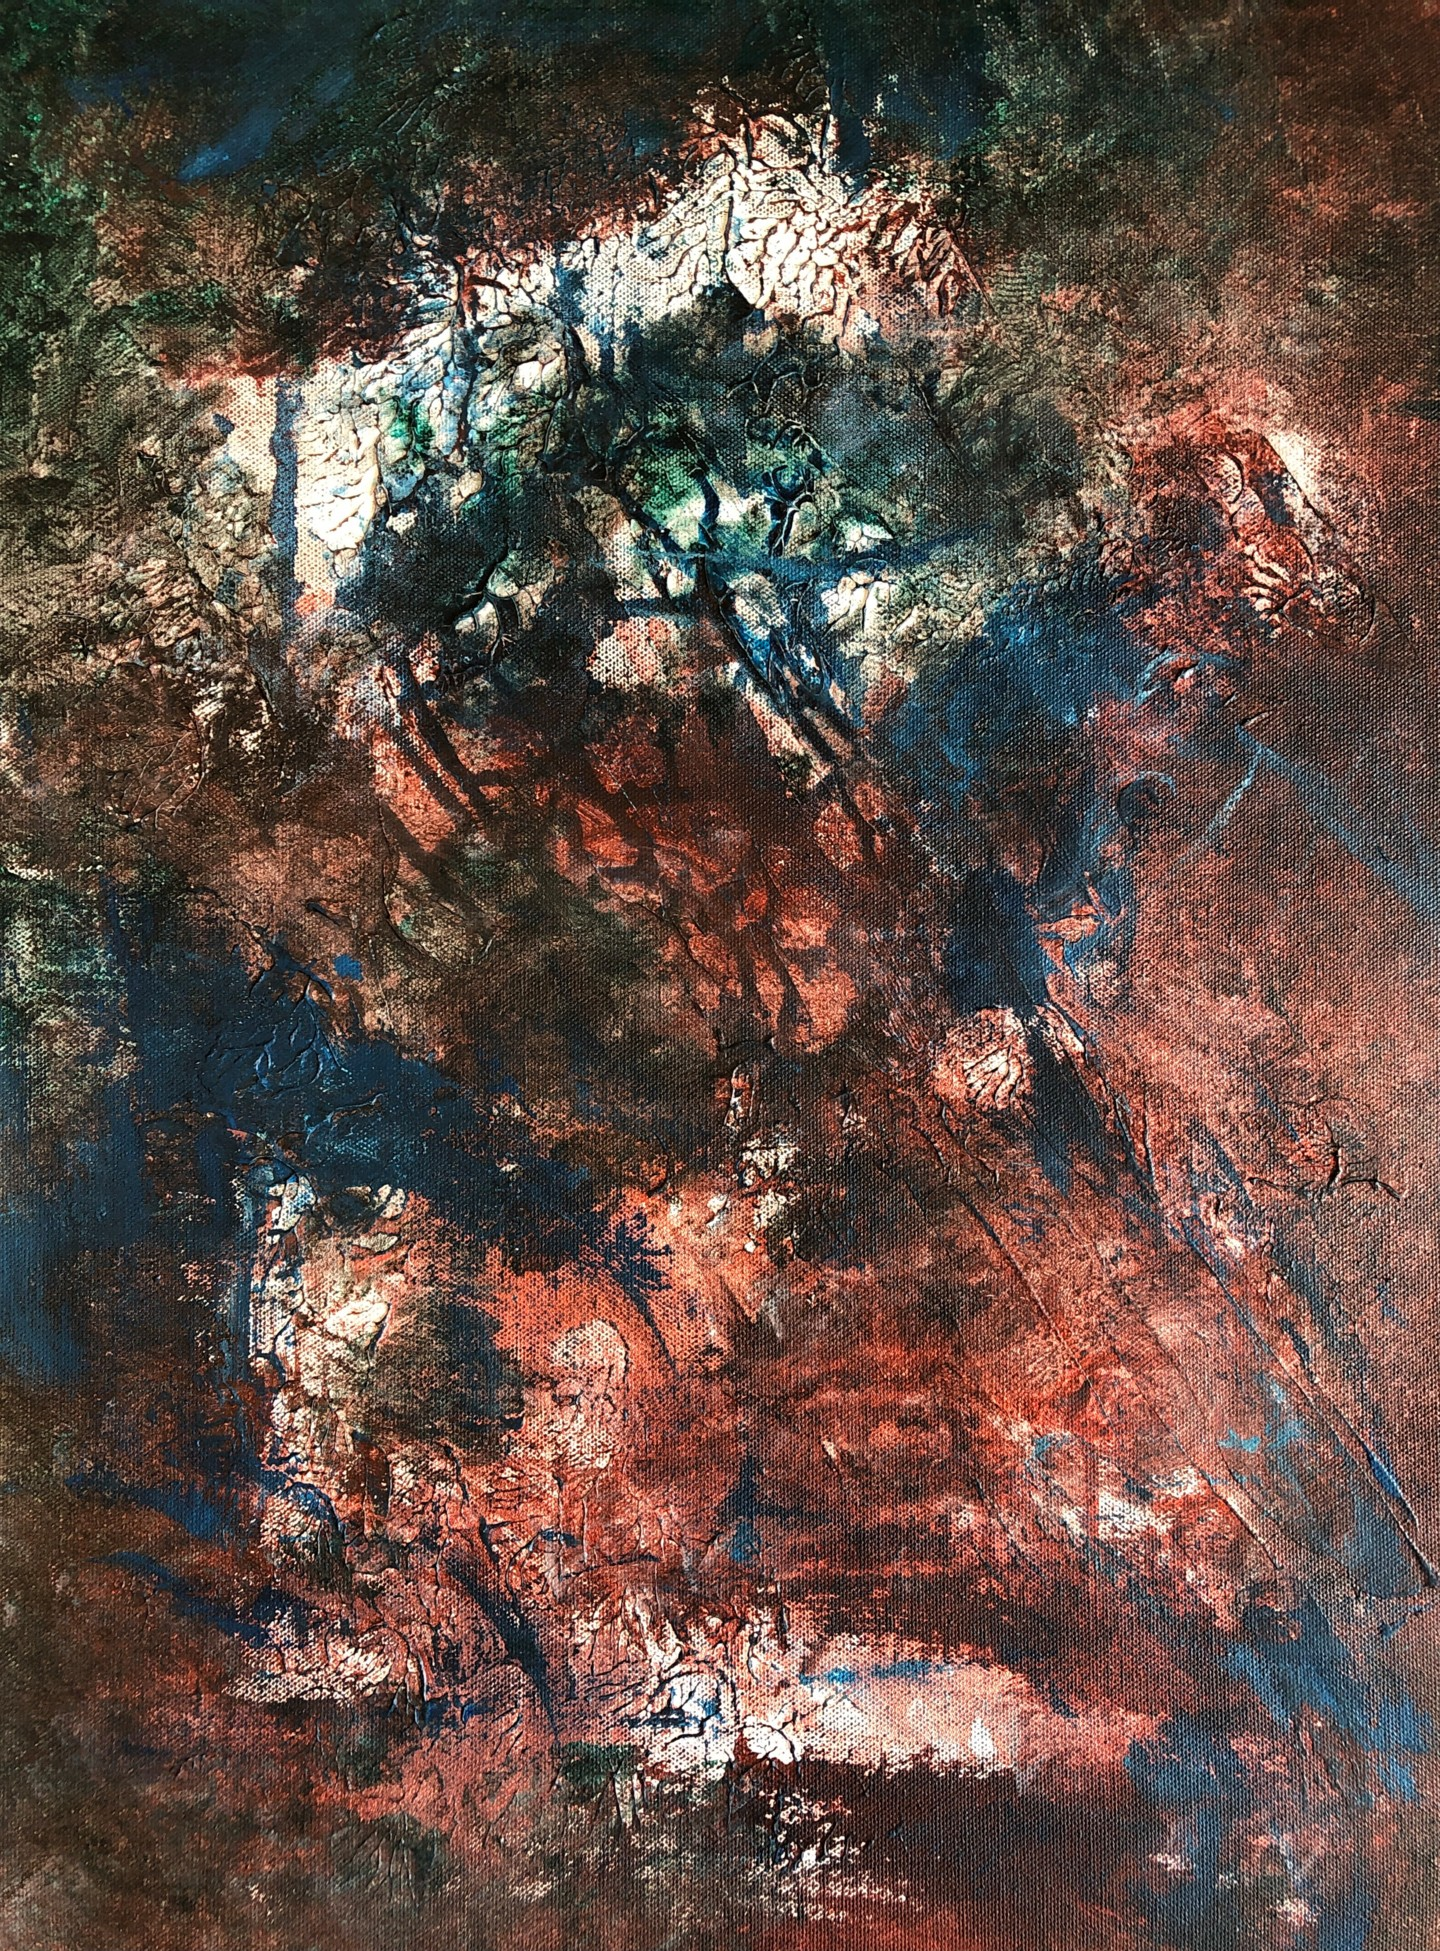 Atignas Art - Facing your demons